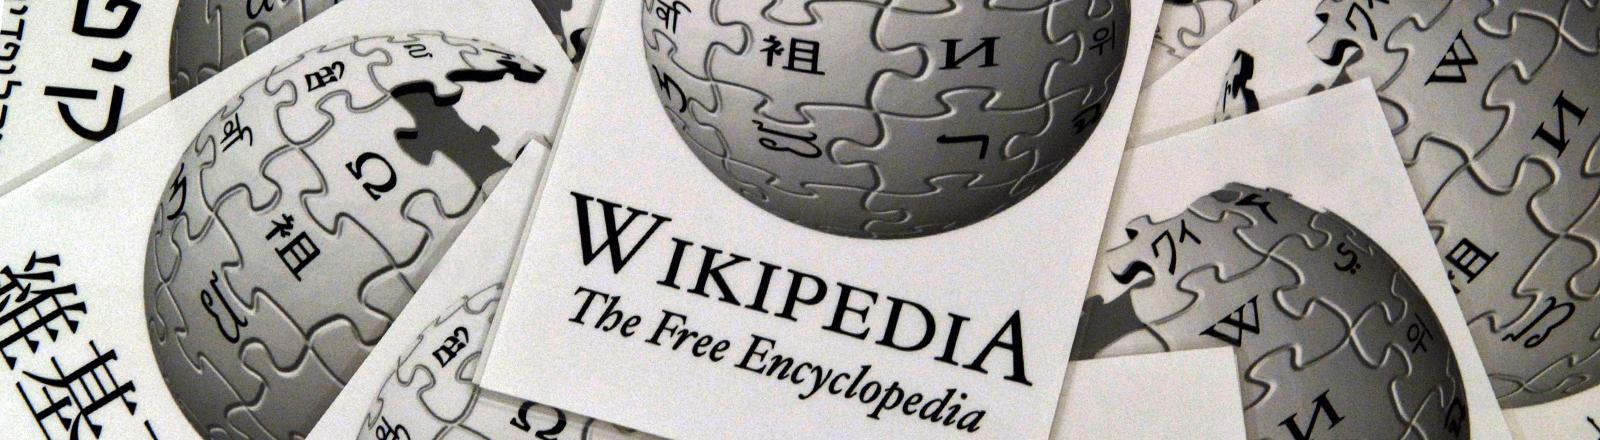 Das Wikipedia-Logo mit Schriftzug.